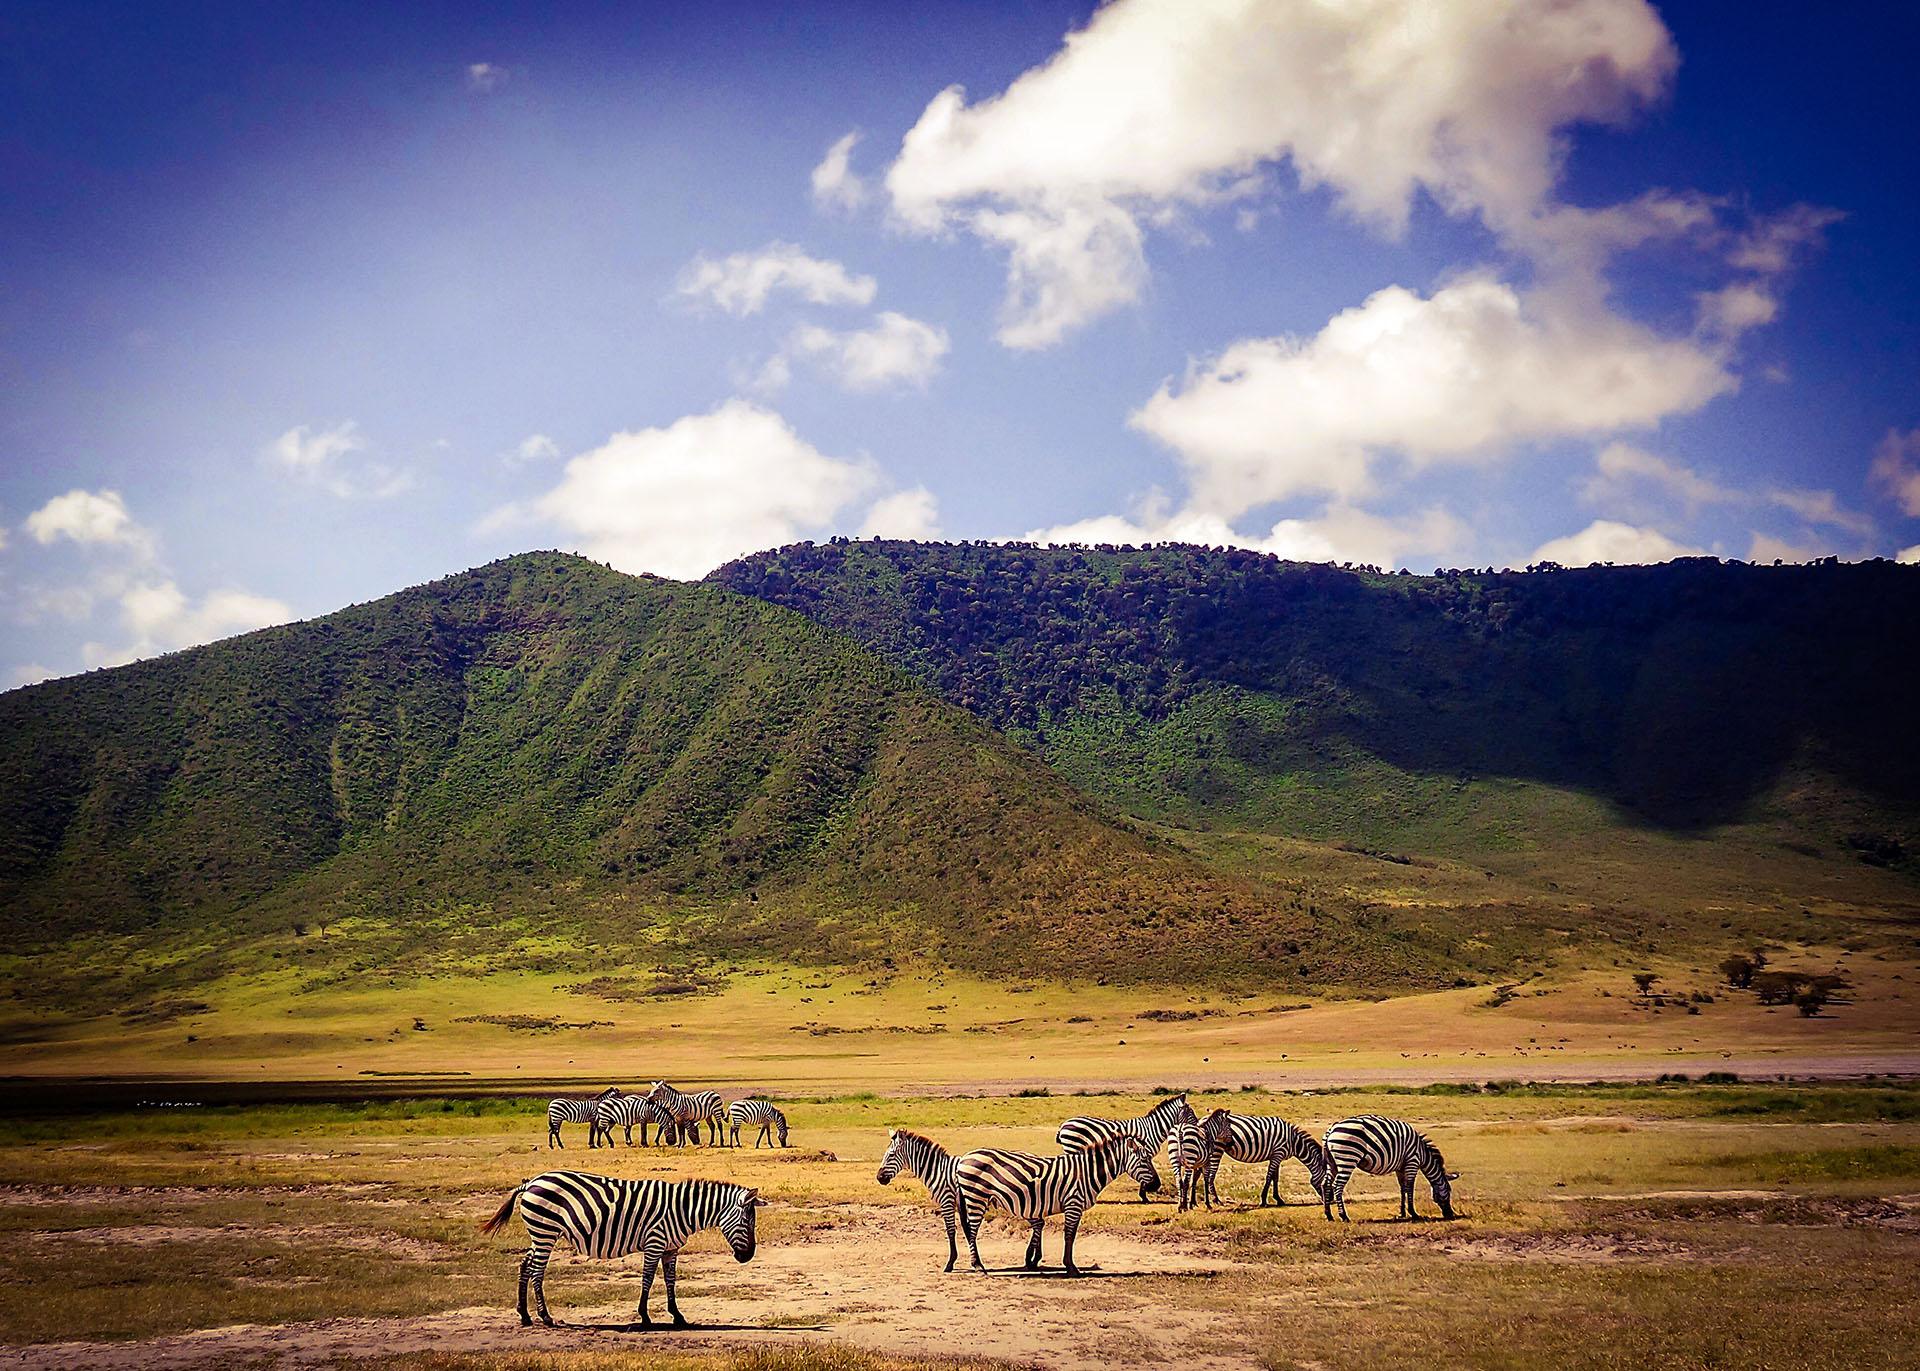 Ngorongoro Krater Safari, NGORONGORO NATIONALPARK, Abenteuerreise Afrika, Tansania Tour, Rundreise Tansania, individuelle Reise Tansania, Mietwagenrundreise Tansania, Reise Tansania, erlebe Tansania, Selbstfahrer Tansania, Kleingruppenreise Tansania, Tansania auf eigene Faust, Gruppenreise Tansania, Urlaub Tansania, Ferien in Tansania, Familienreise Tansania, Flitterwochen Tansania, Tansania Reiseziele, Reisetipps für Ihre Tansania-Rundreise, Safari Masai Mara, Safari in Tansania